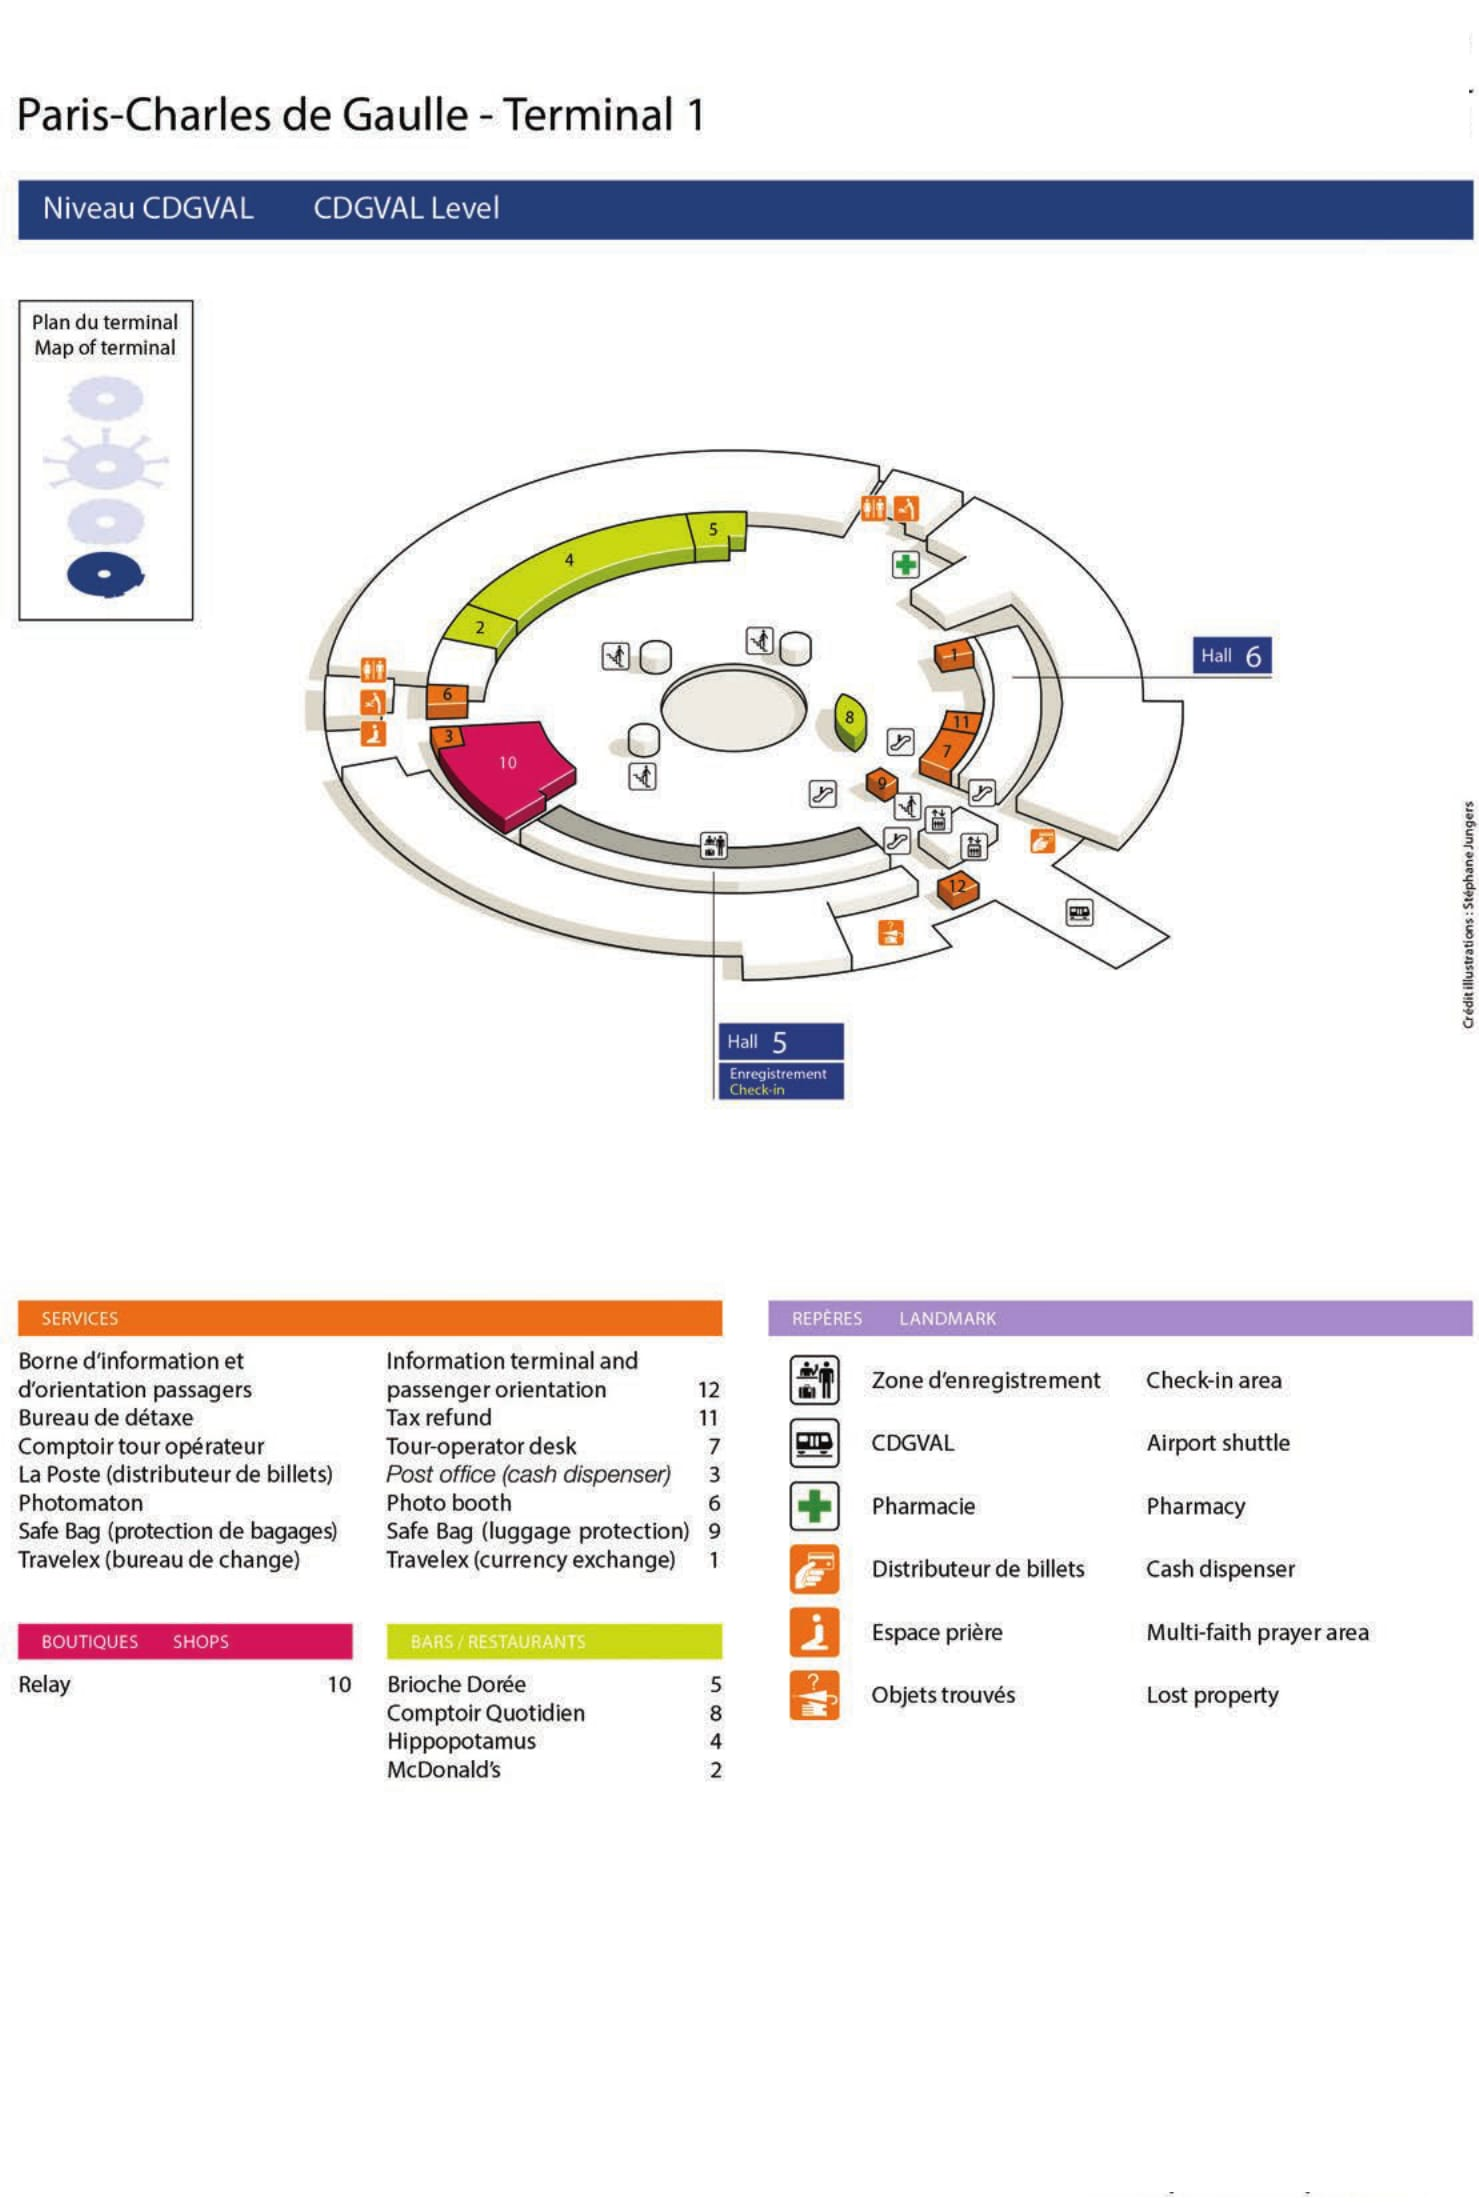 Plano de la Terminal 1 Nivel CDGVAL del aeropuerto de Paris Charles de Gaulle